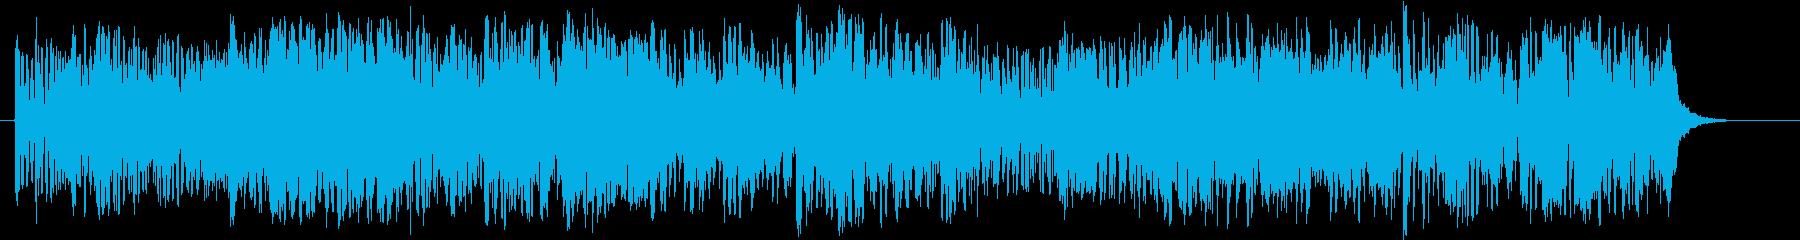 バッハの平均律のフーガを木管トリオでの再生済みの波形